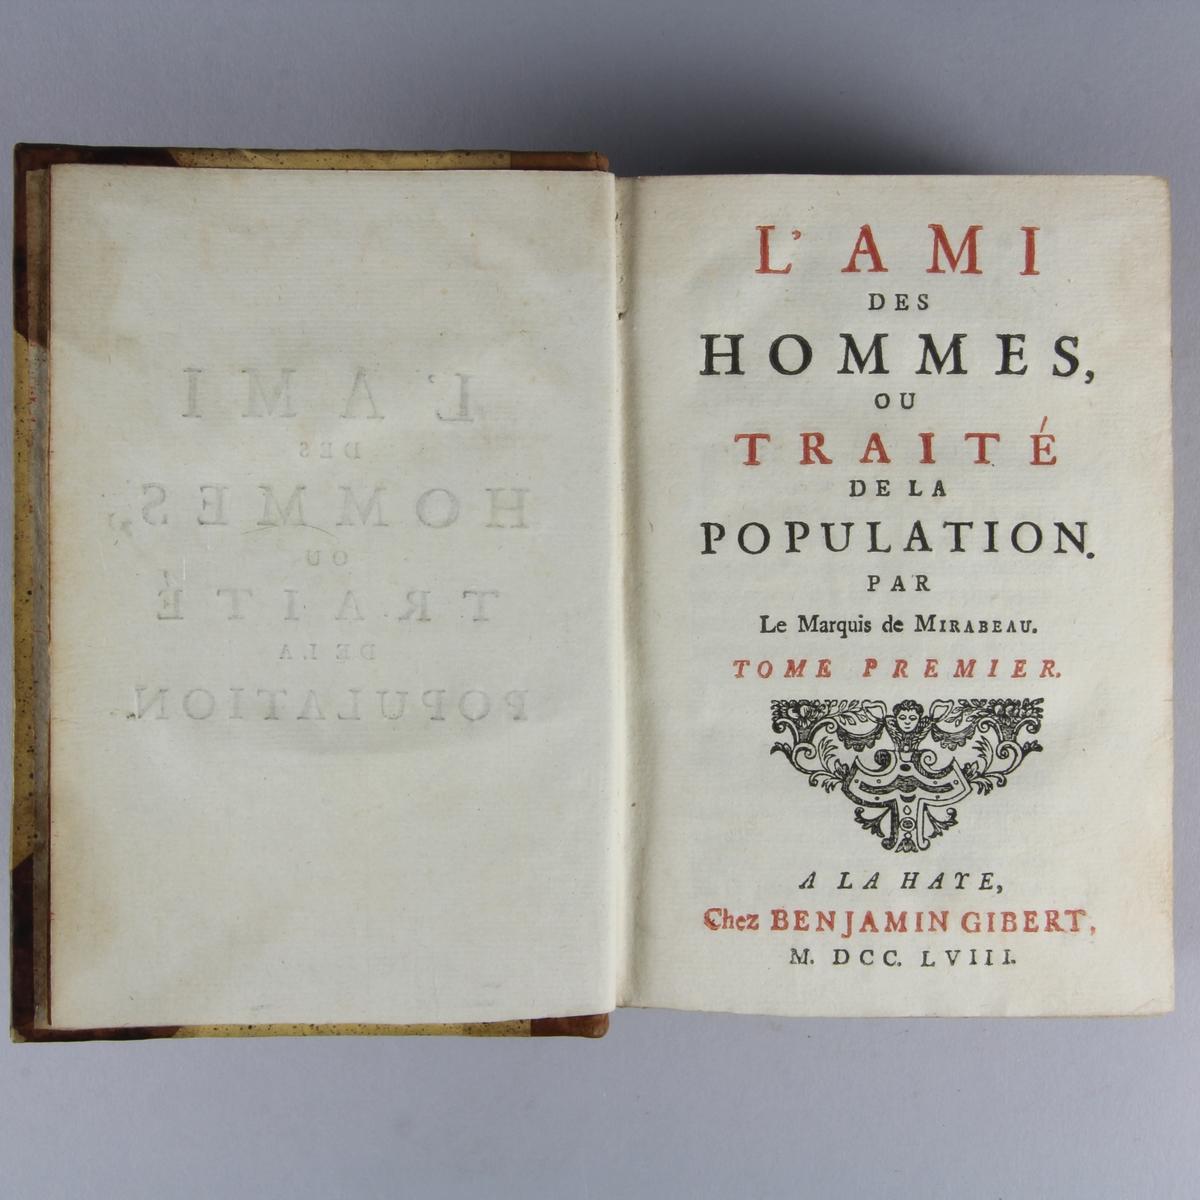 """Bok, halvfranskt band, """"L´ami des hommes, ou traité de la population"""", del 1-2. Pappband med hörn och guldpräglad rygg av skinn i fem upphöjda bind, skuret rödstänkt snitt."""